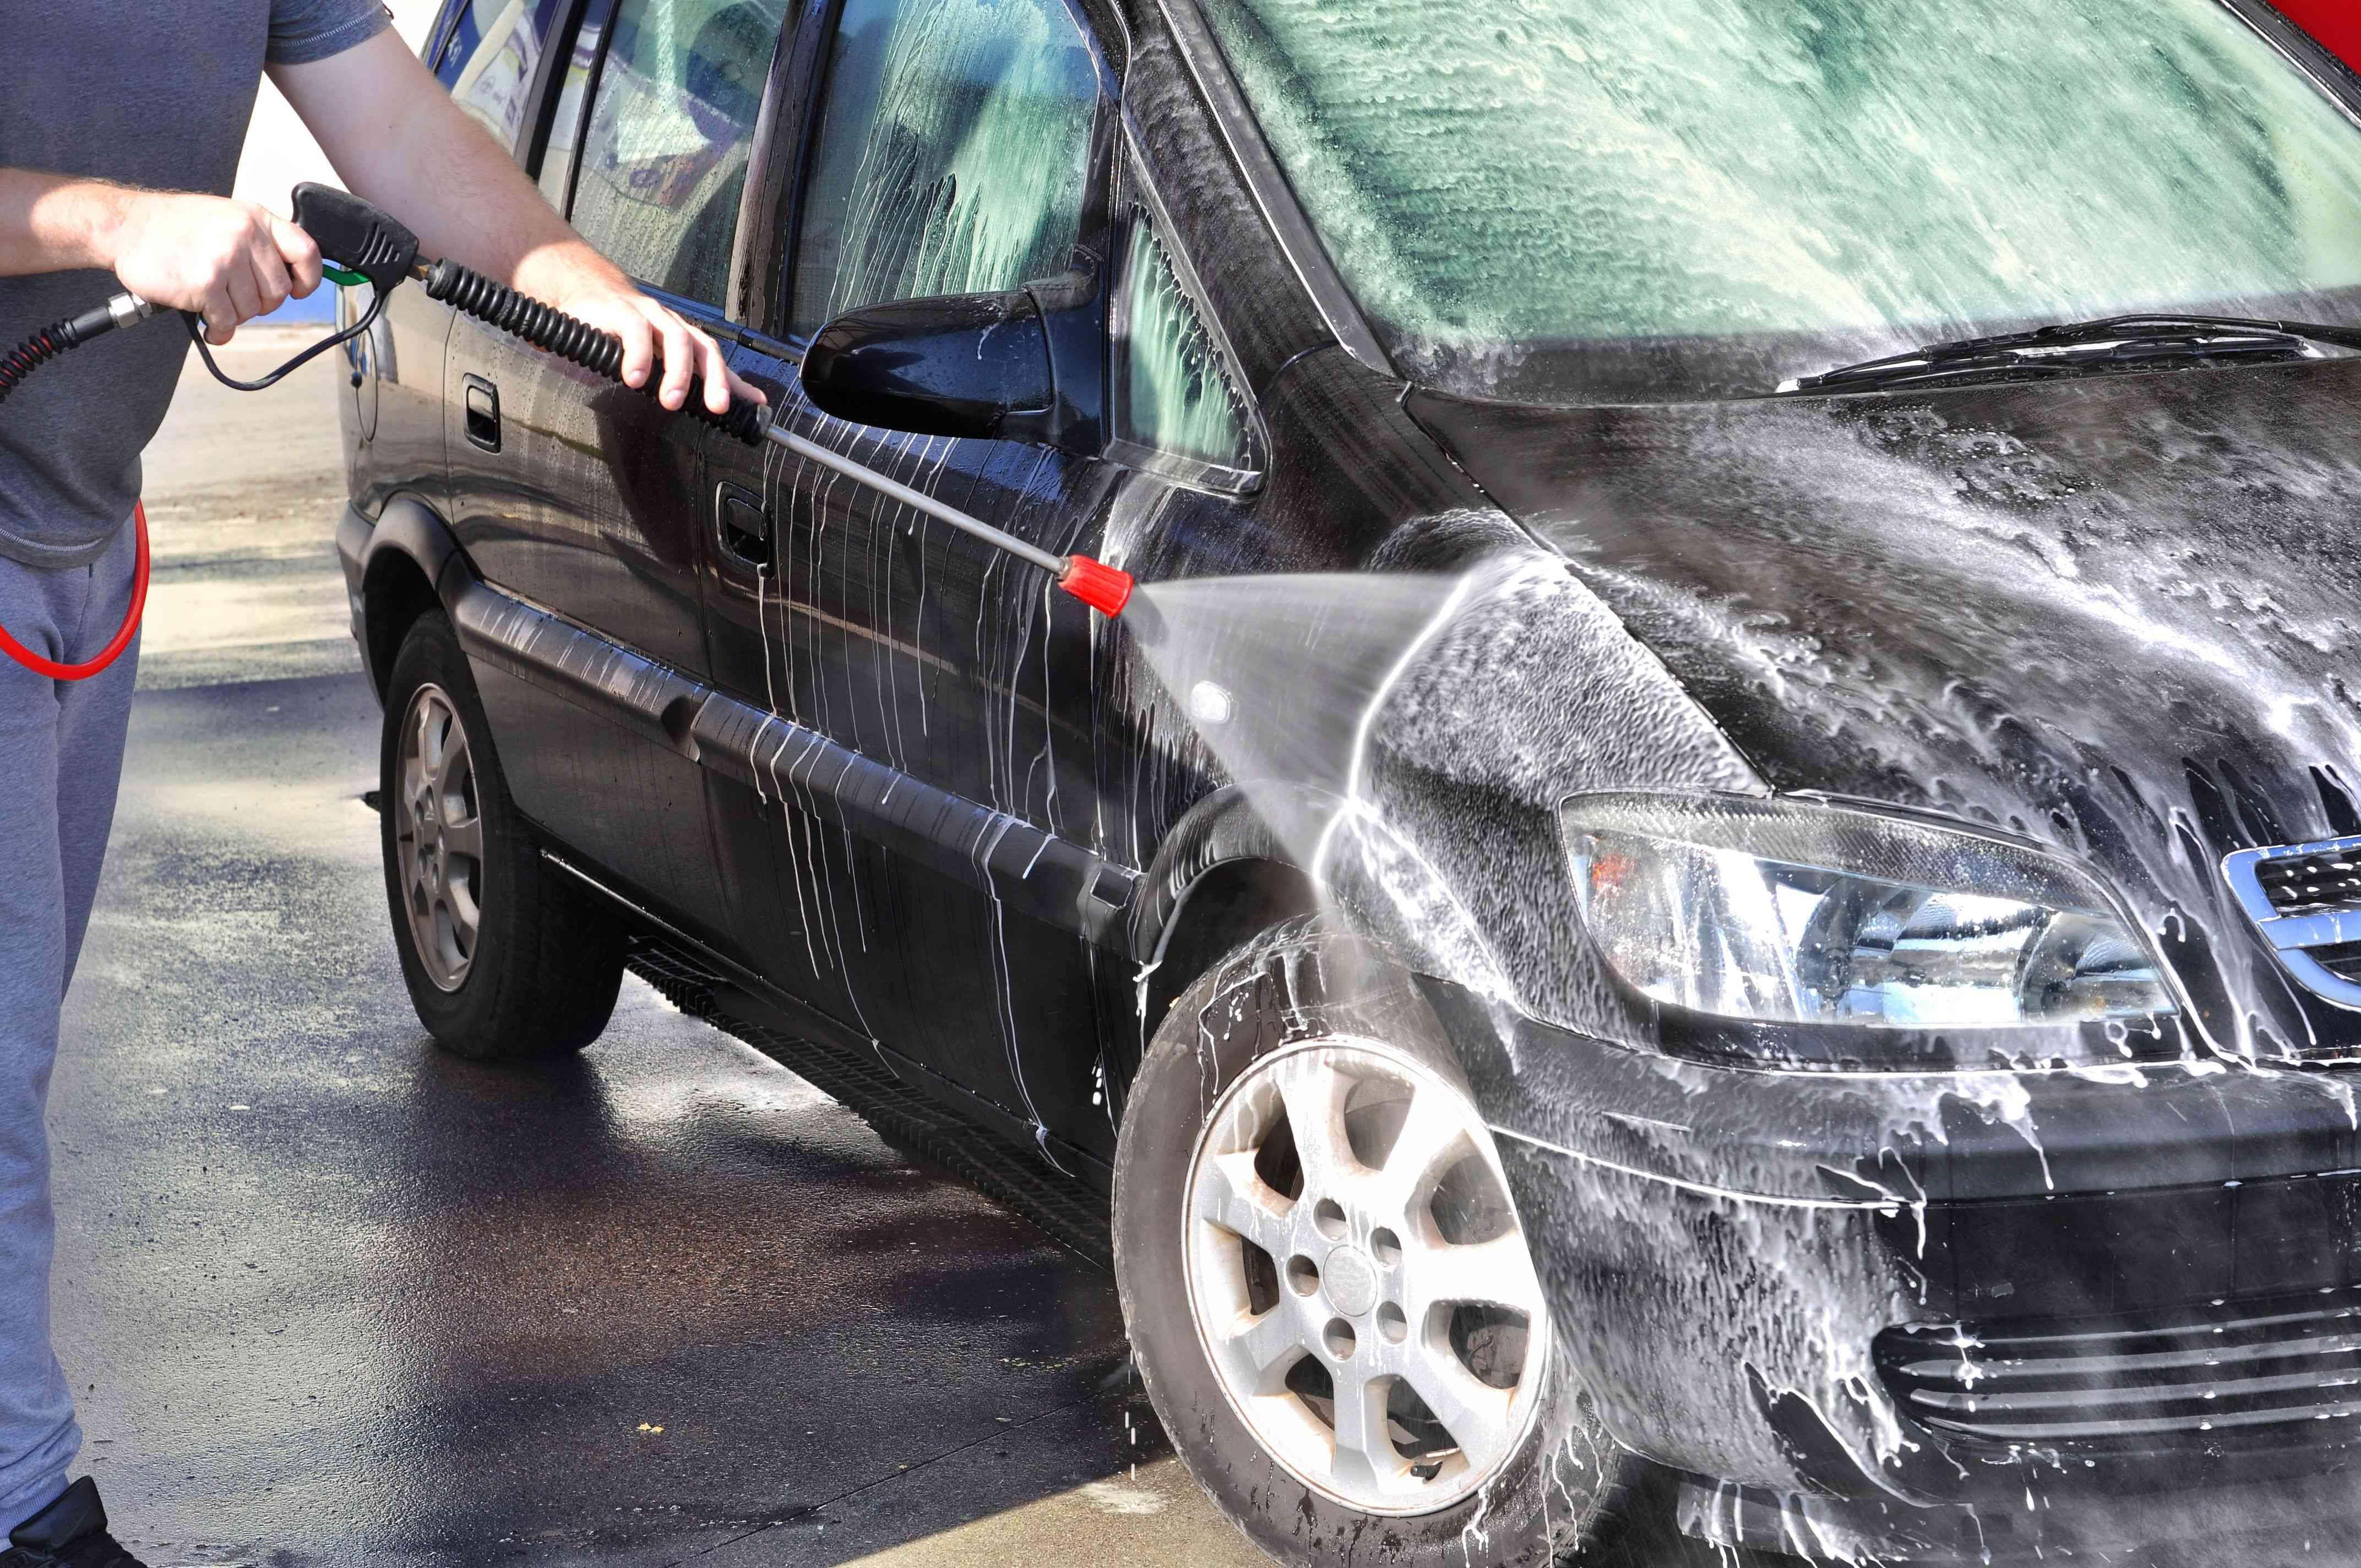 Lavare l'auto con l'idropulitrice ad alta pressione